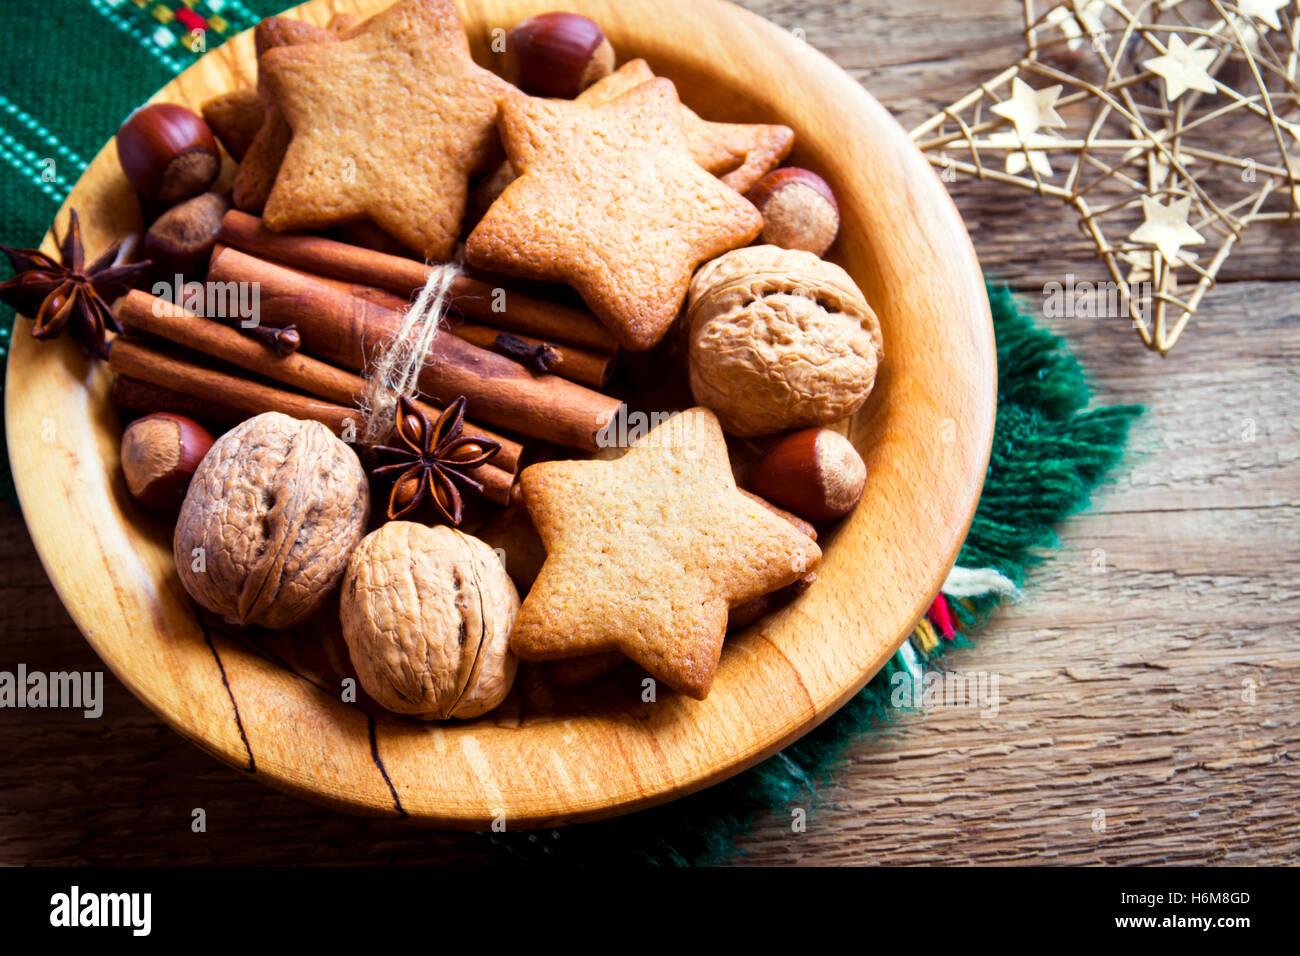 Rustikale Weihnachts-Dekoration mit Lebkuchen, Nüssen und weihnachtlichen Gewürzen über hölzerne Stockbild